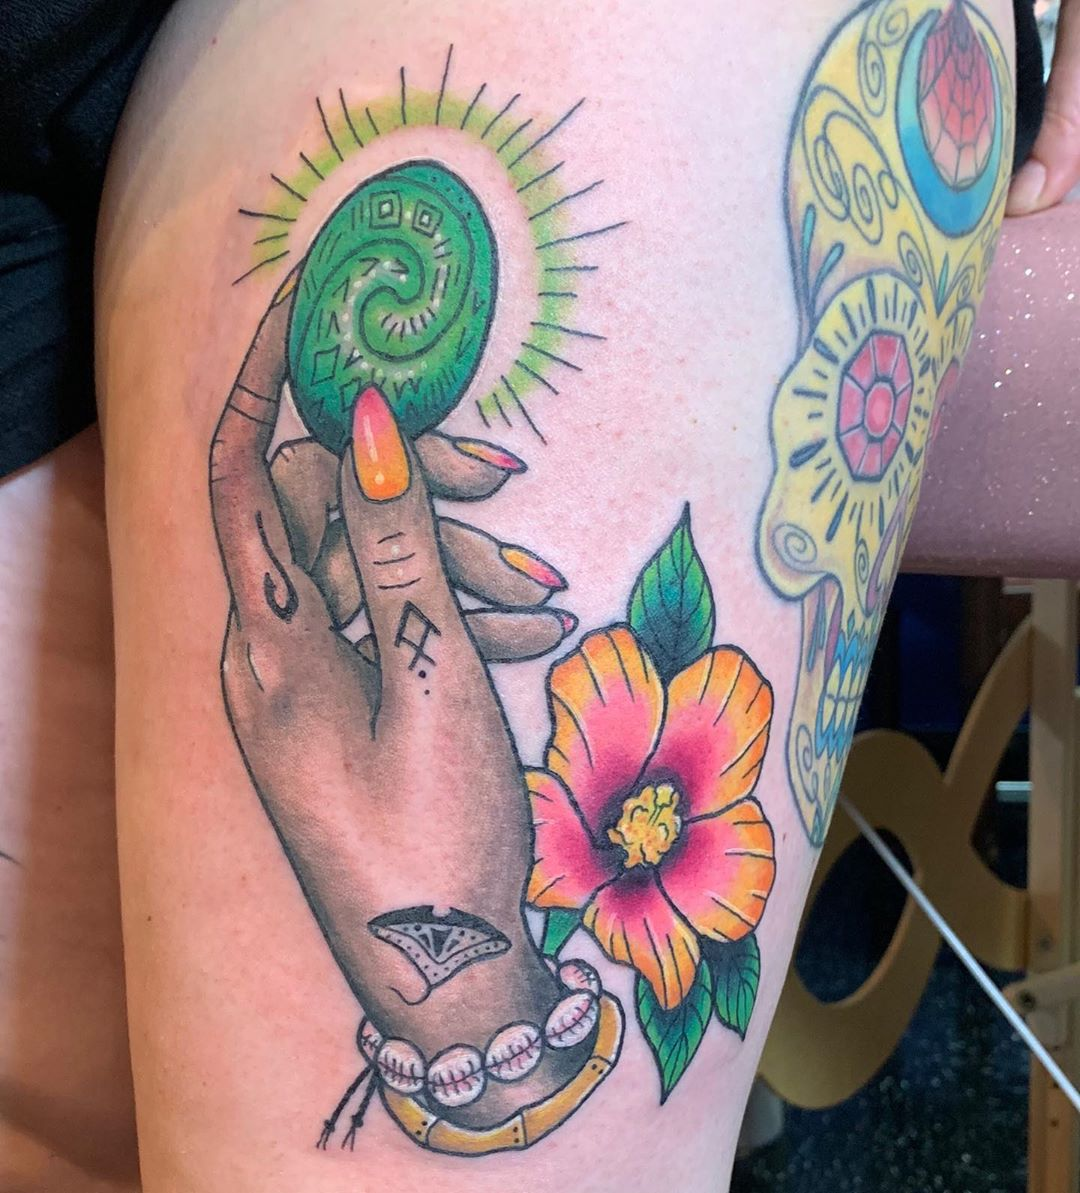 30 Inspiring Moana Tattoo Ideas